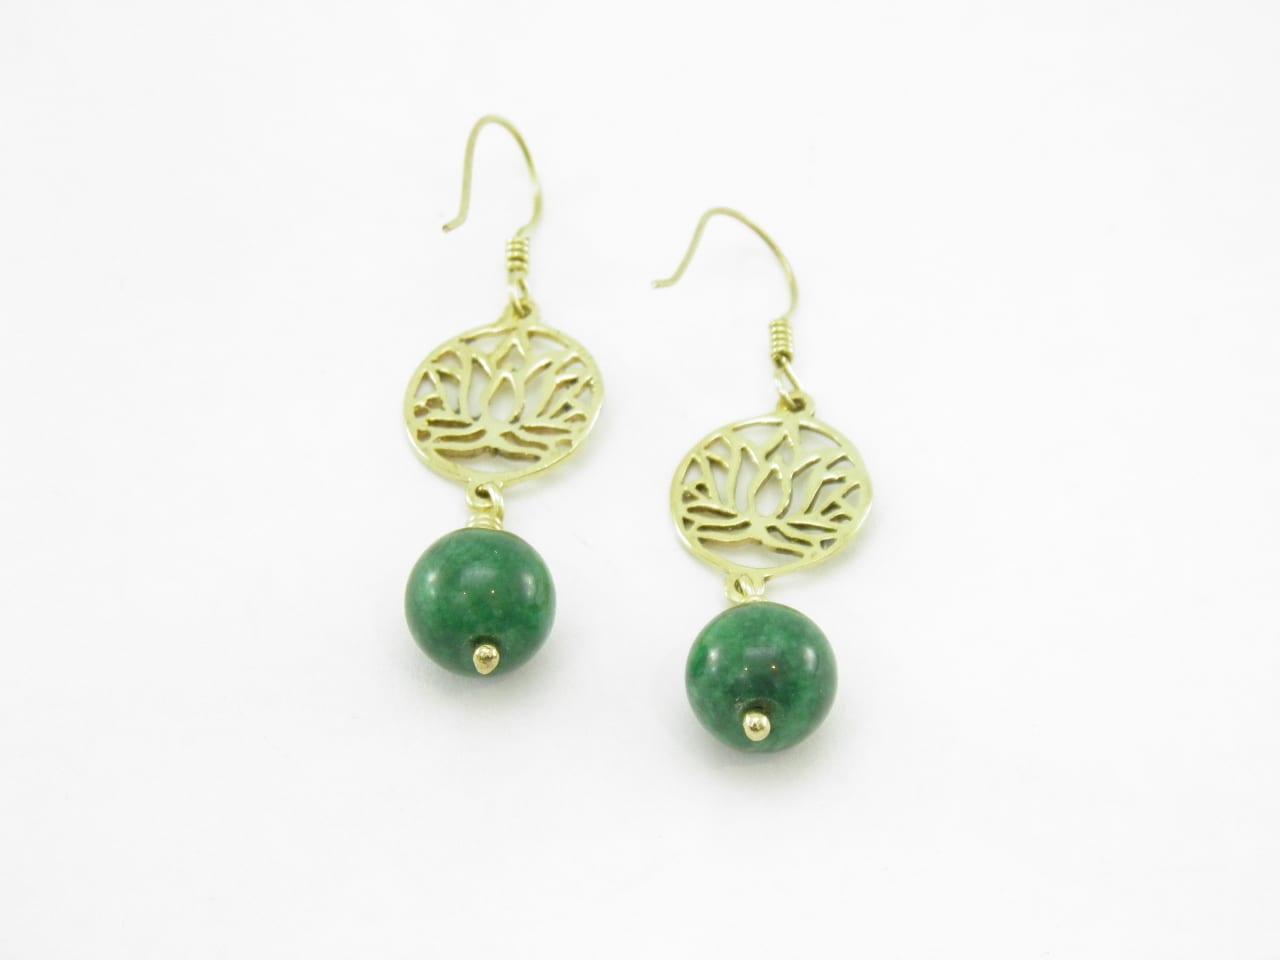 Les Boucles d'oreilles - Lotus et pierre - laiton recyclé - Vert